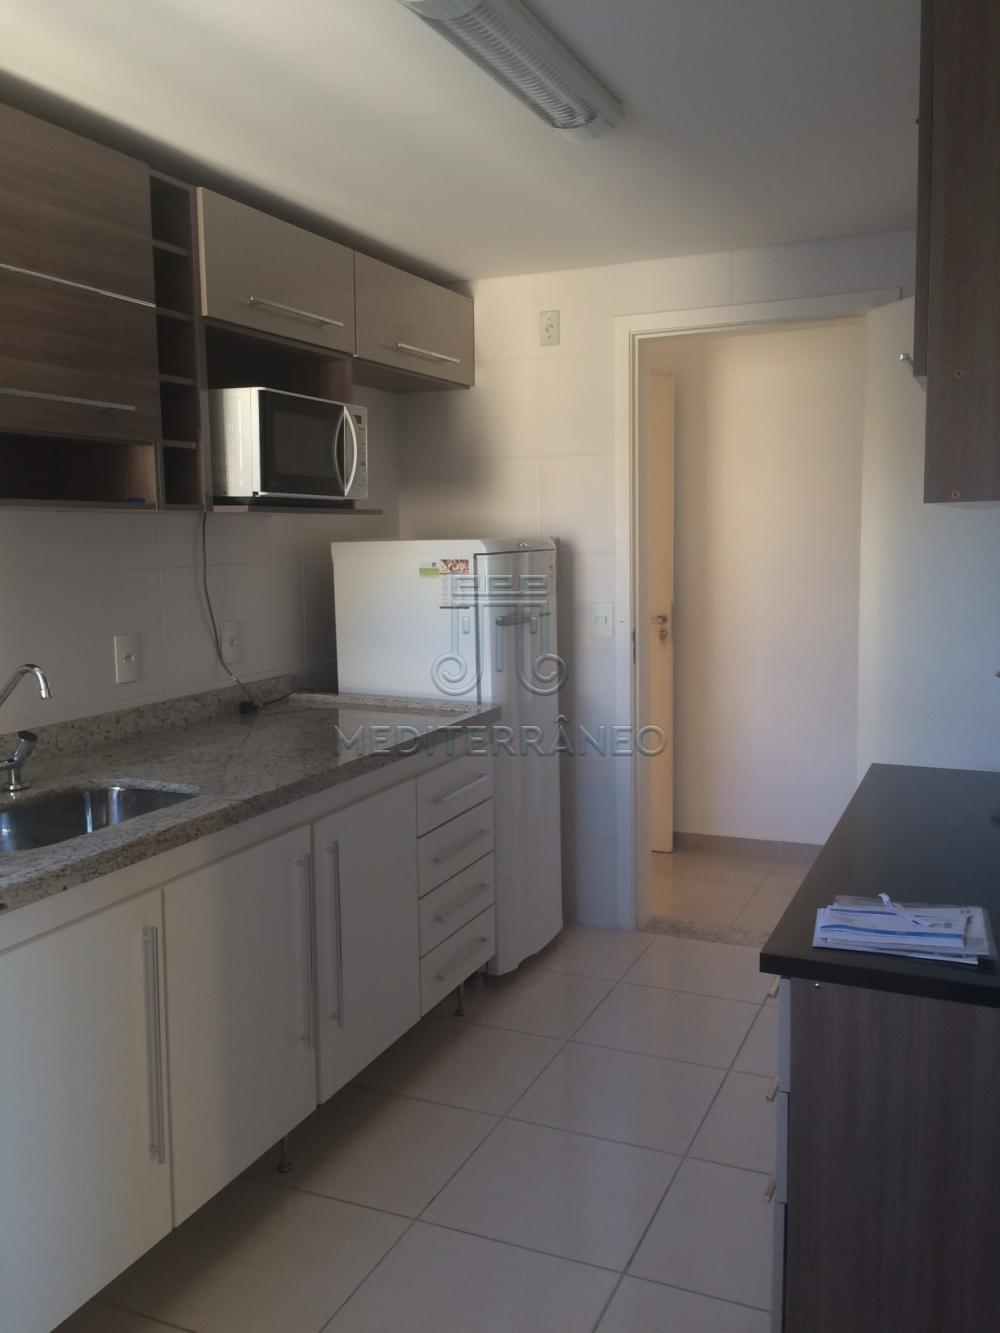 Alugar Apartamento / Padrão em Jundiaí apenas R$ 3.200,00 - Foto 1